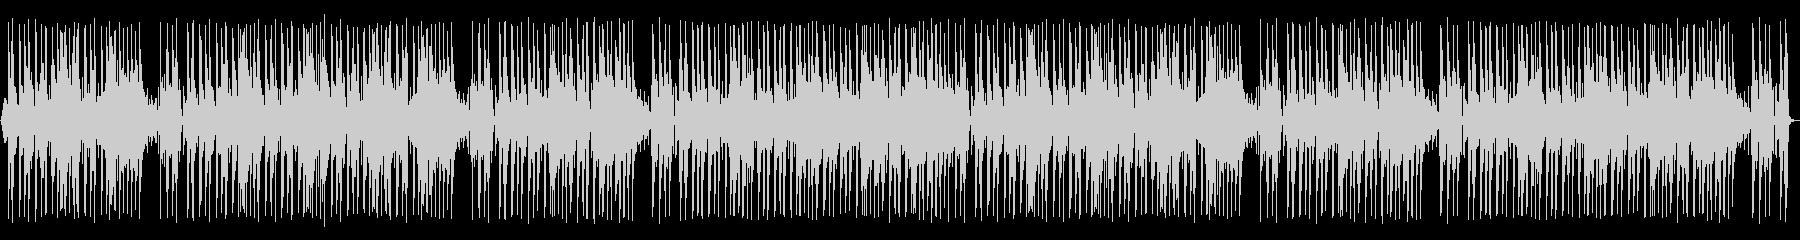 ブラシドラム、クリーンなエレクトリ...の未再生の波形